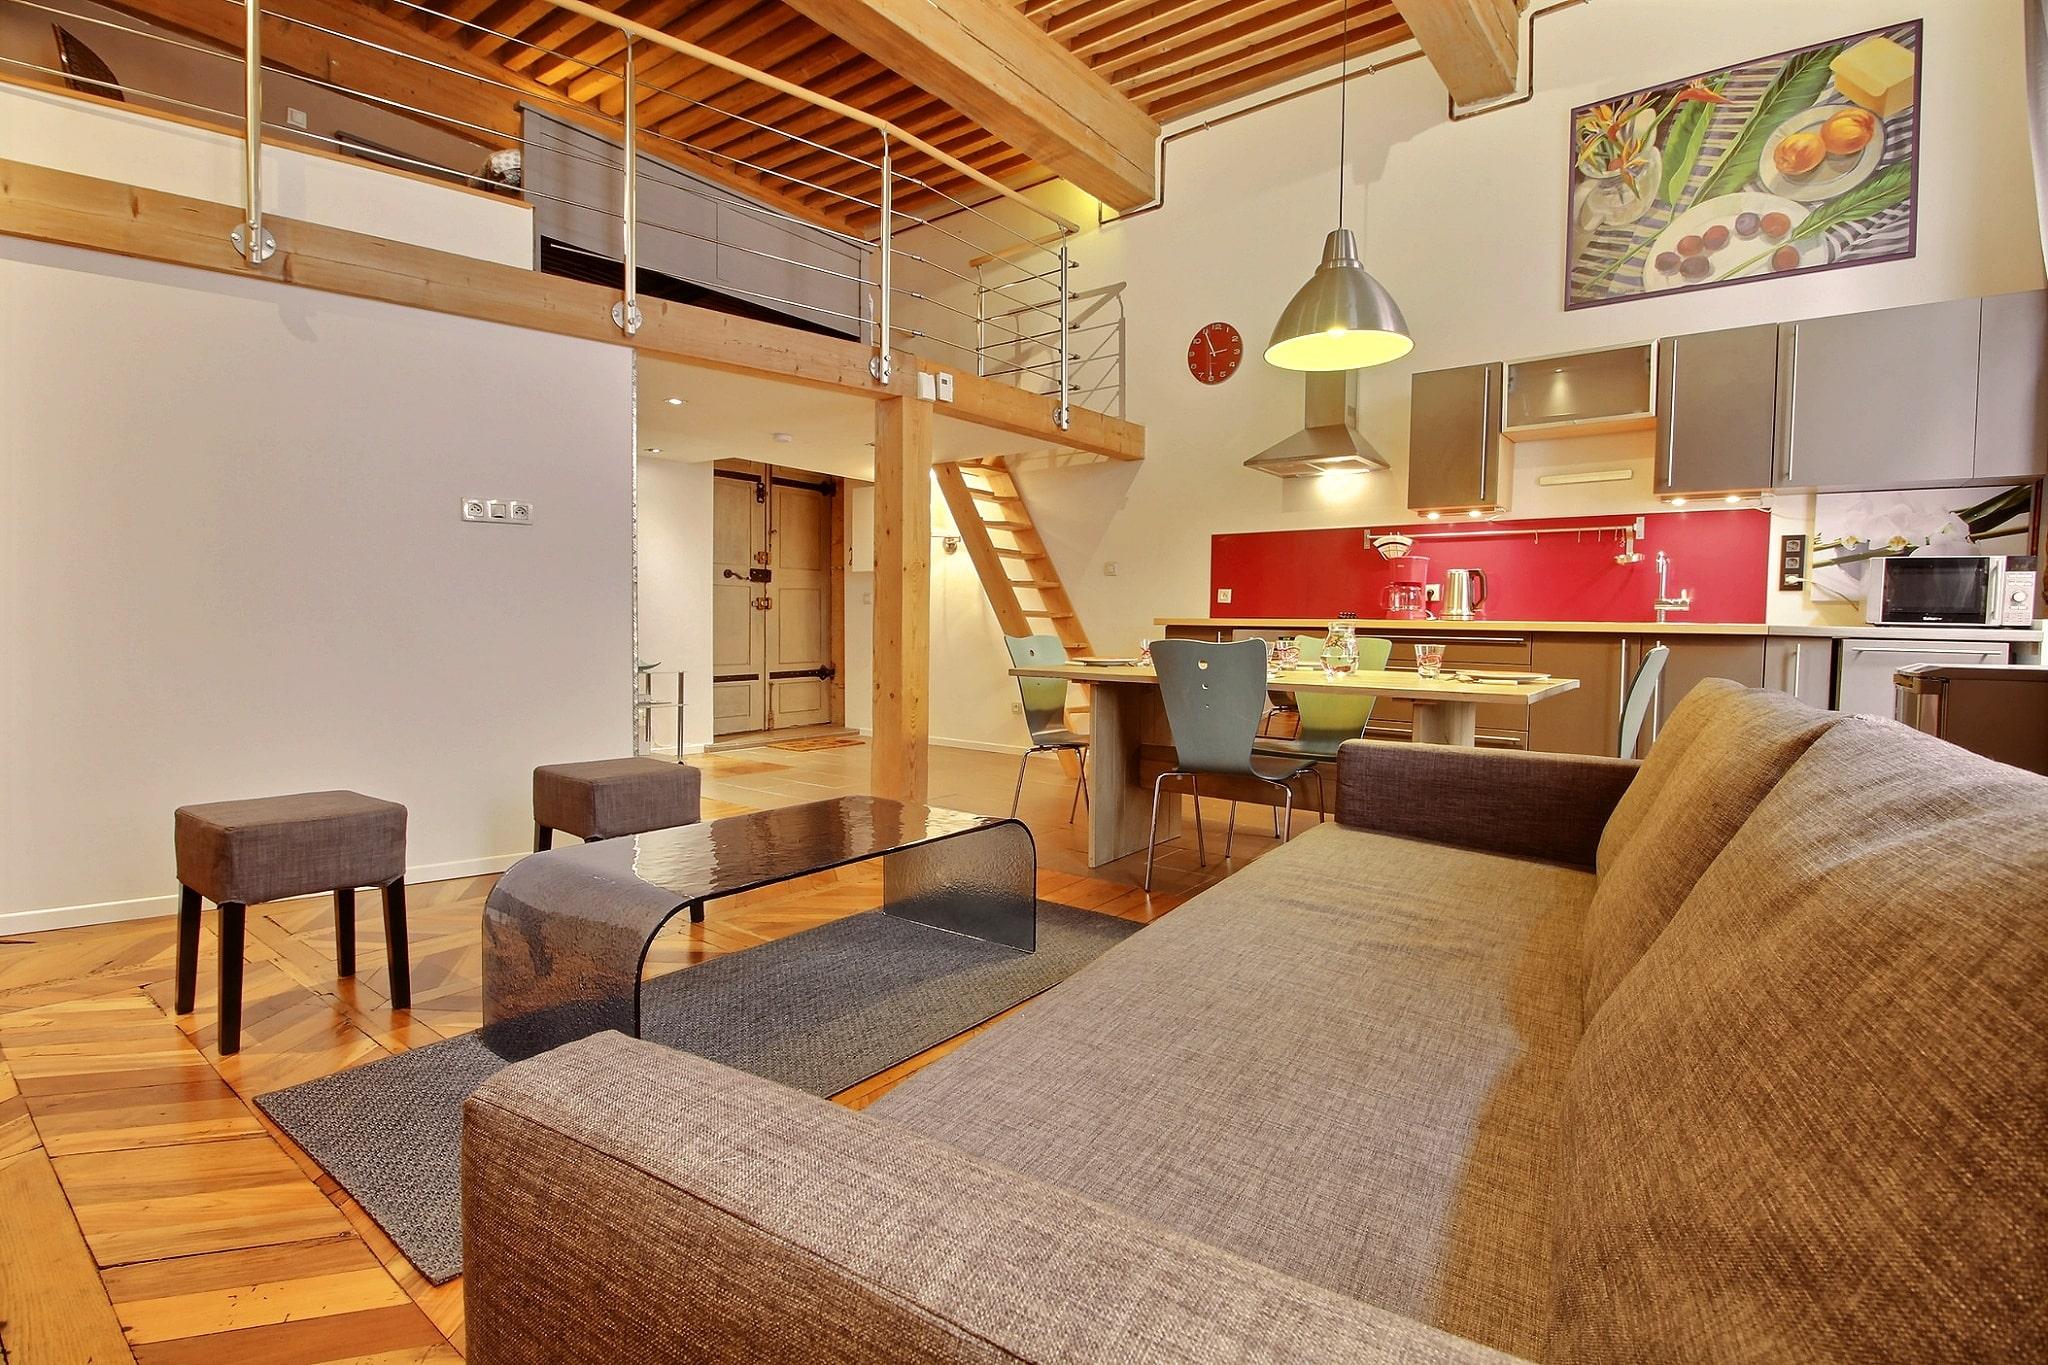 appartement location courte durée lyon